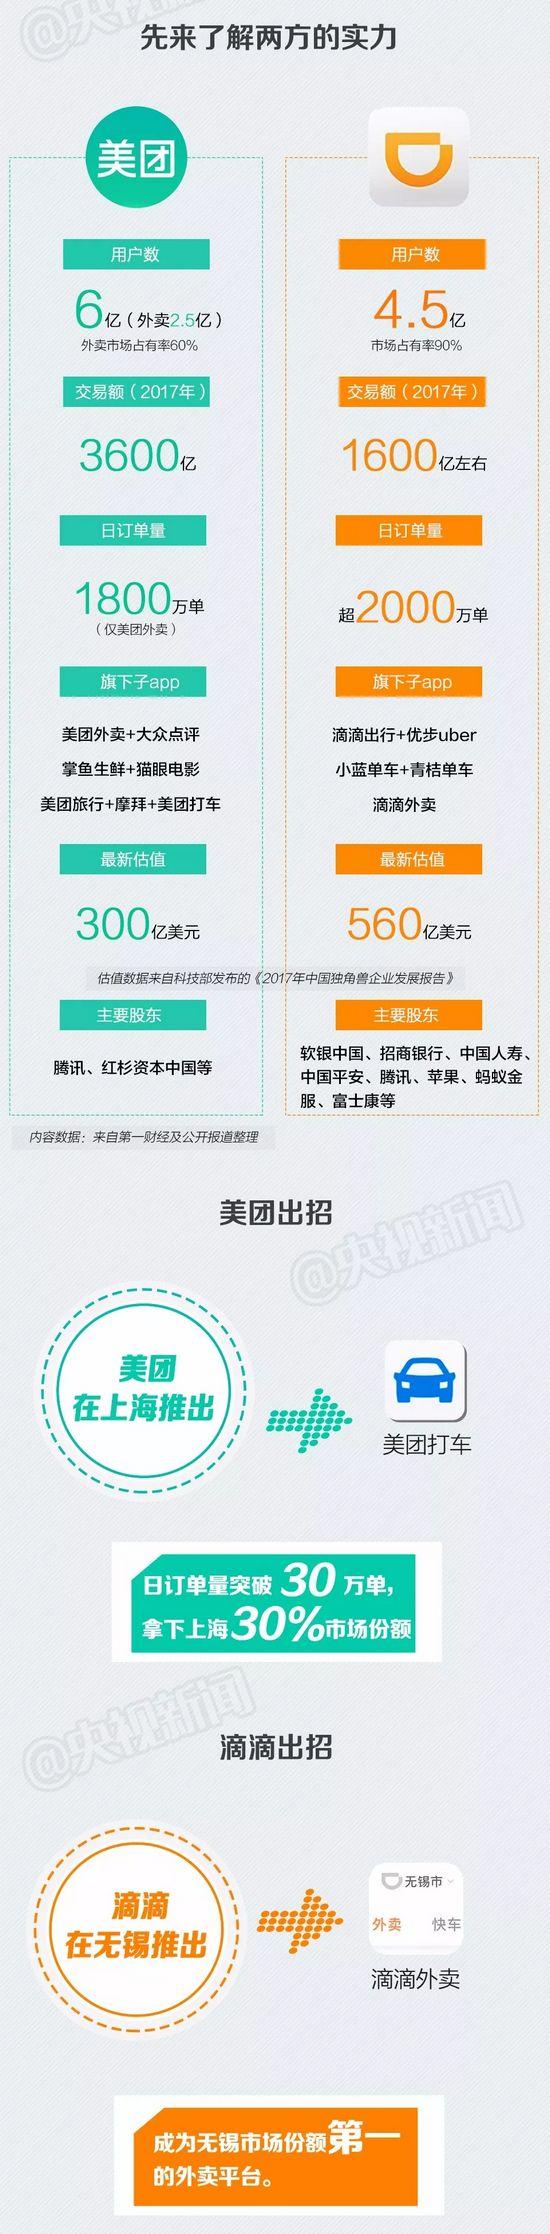 网约车大战.jpg